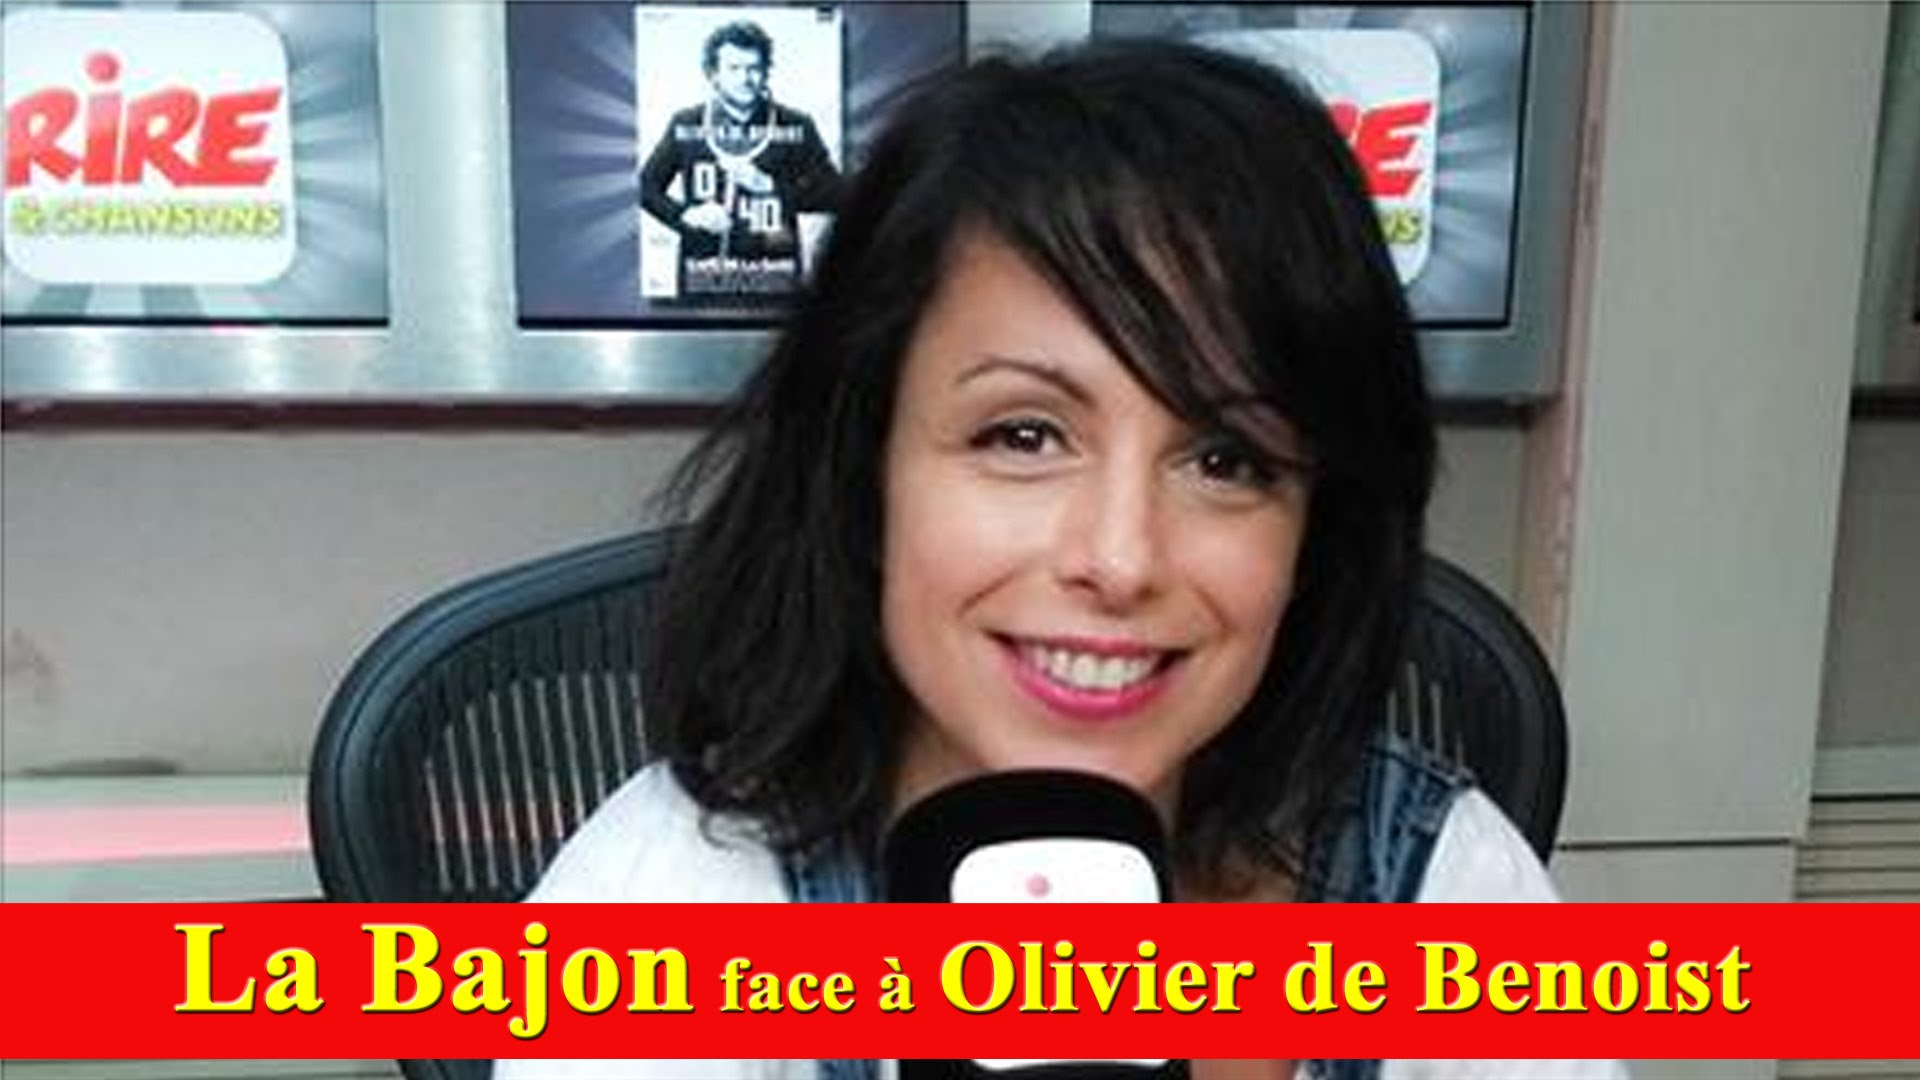 La Bajon face à Olivier de Benoist